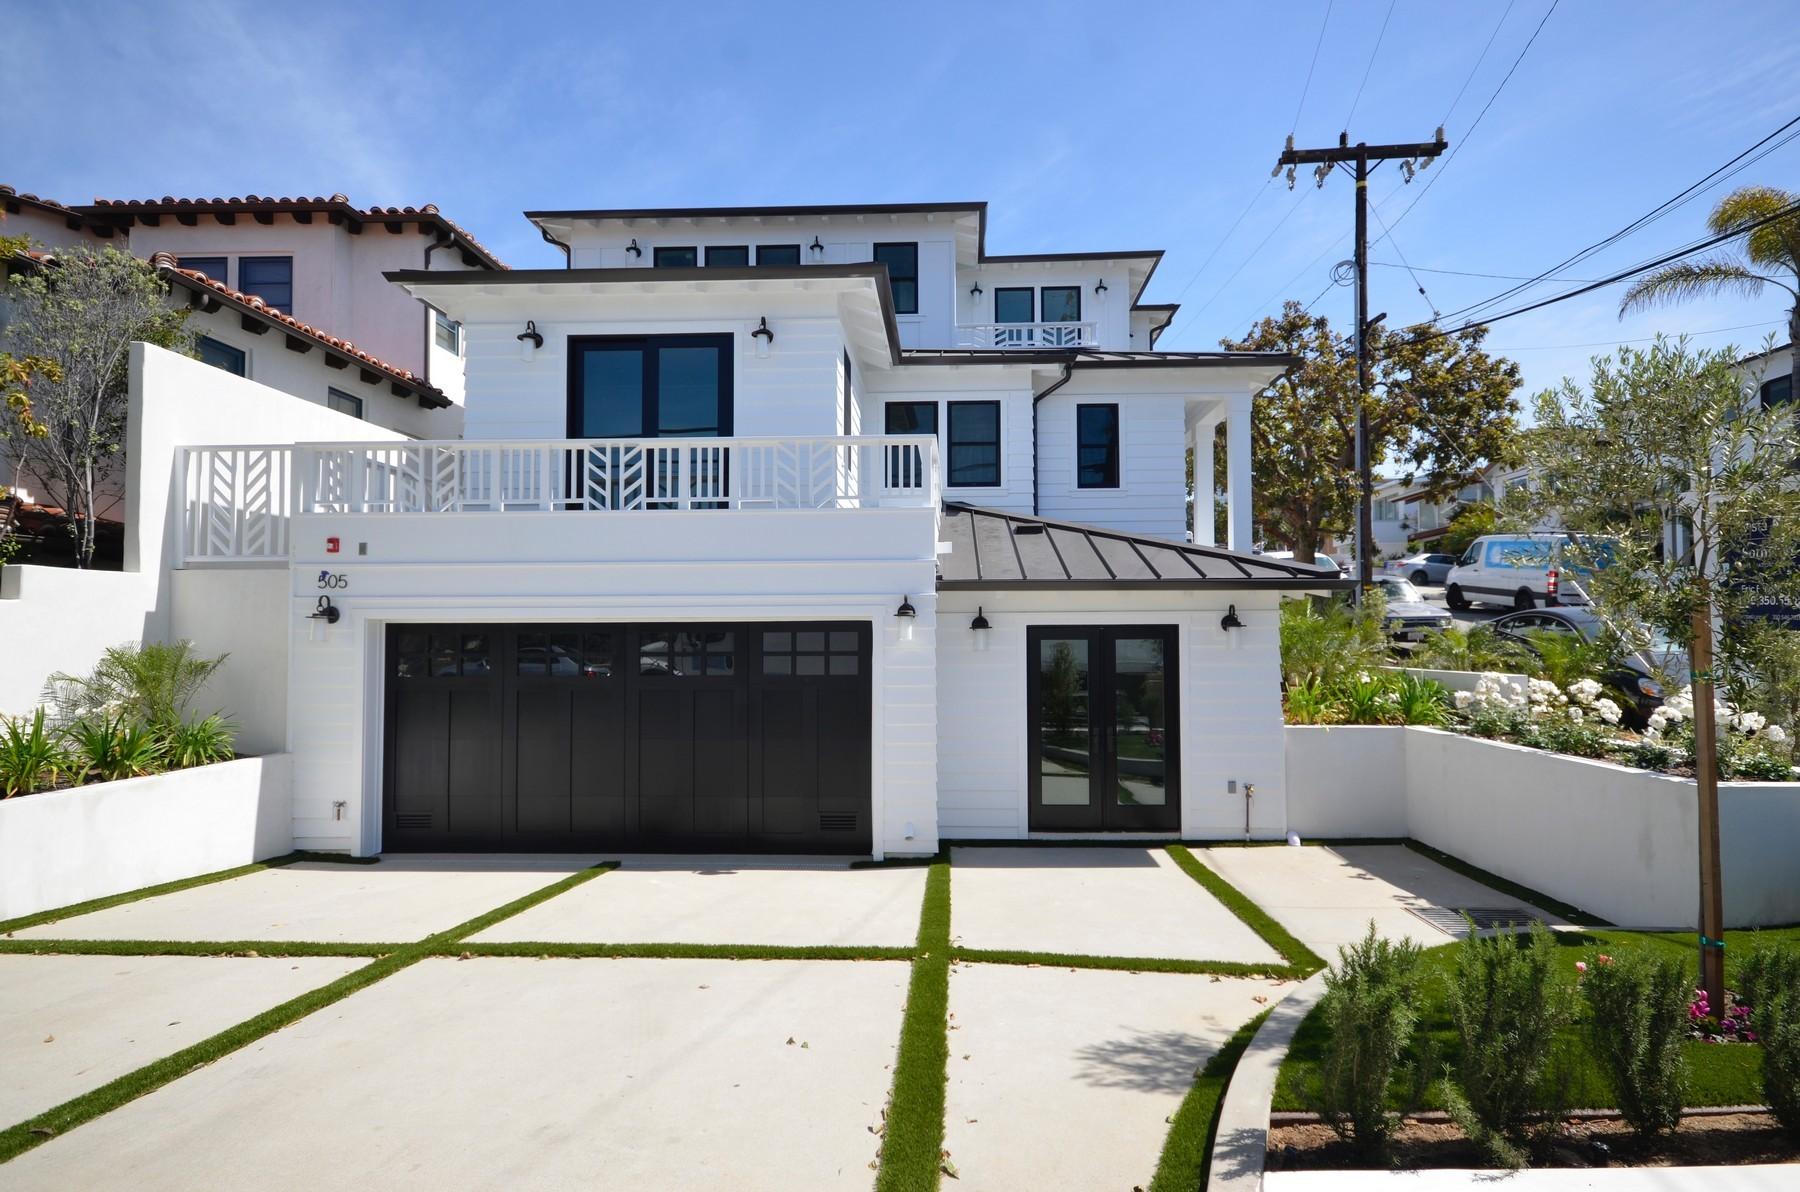 Частный односемейный дом для того Продажа на 505 14th St Manhattan Beach, Калифорния, 90266 Соединенные Штаты